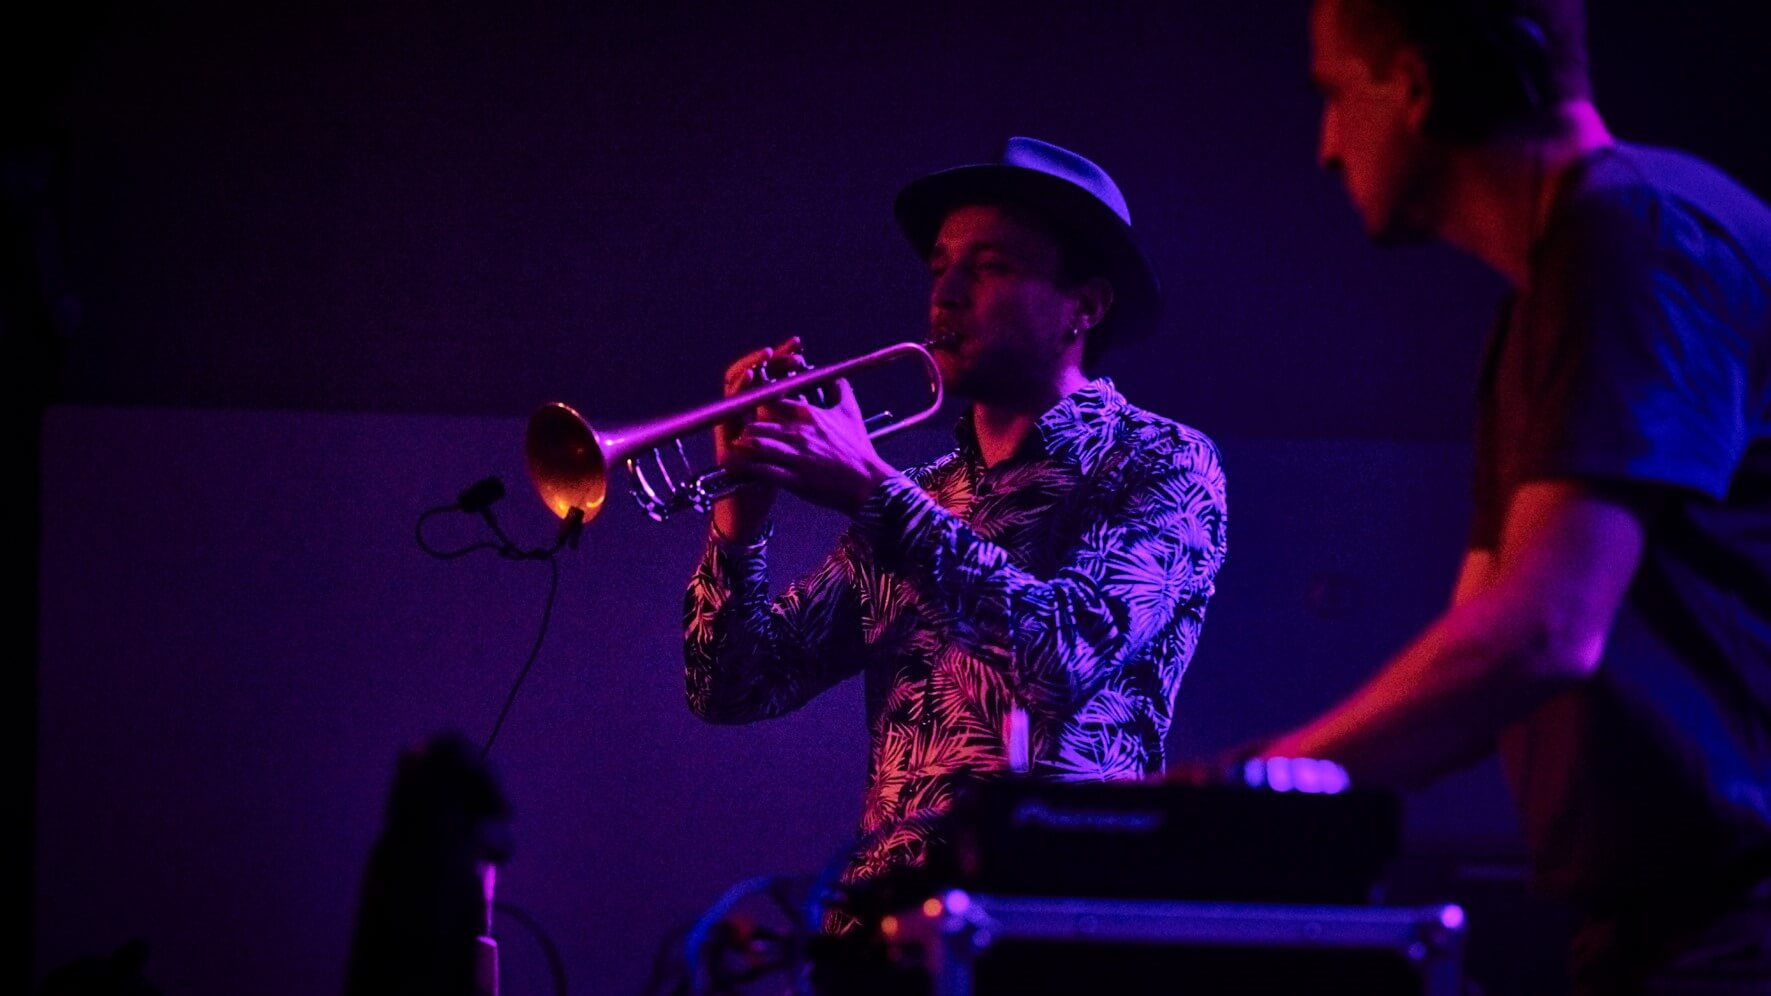 trompettiste live avec DJ pour evenement soirée lounge electro en haust de france lille nord pas de calais